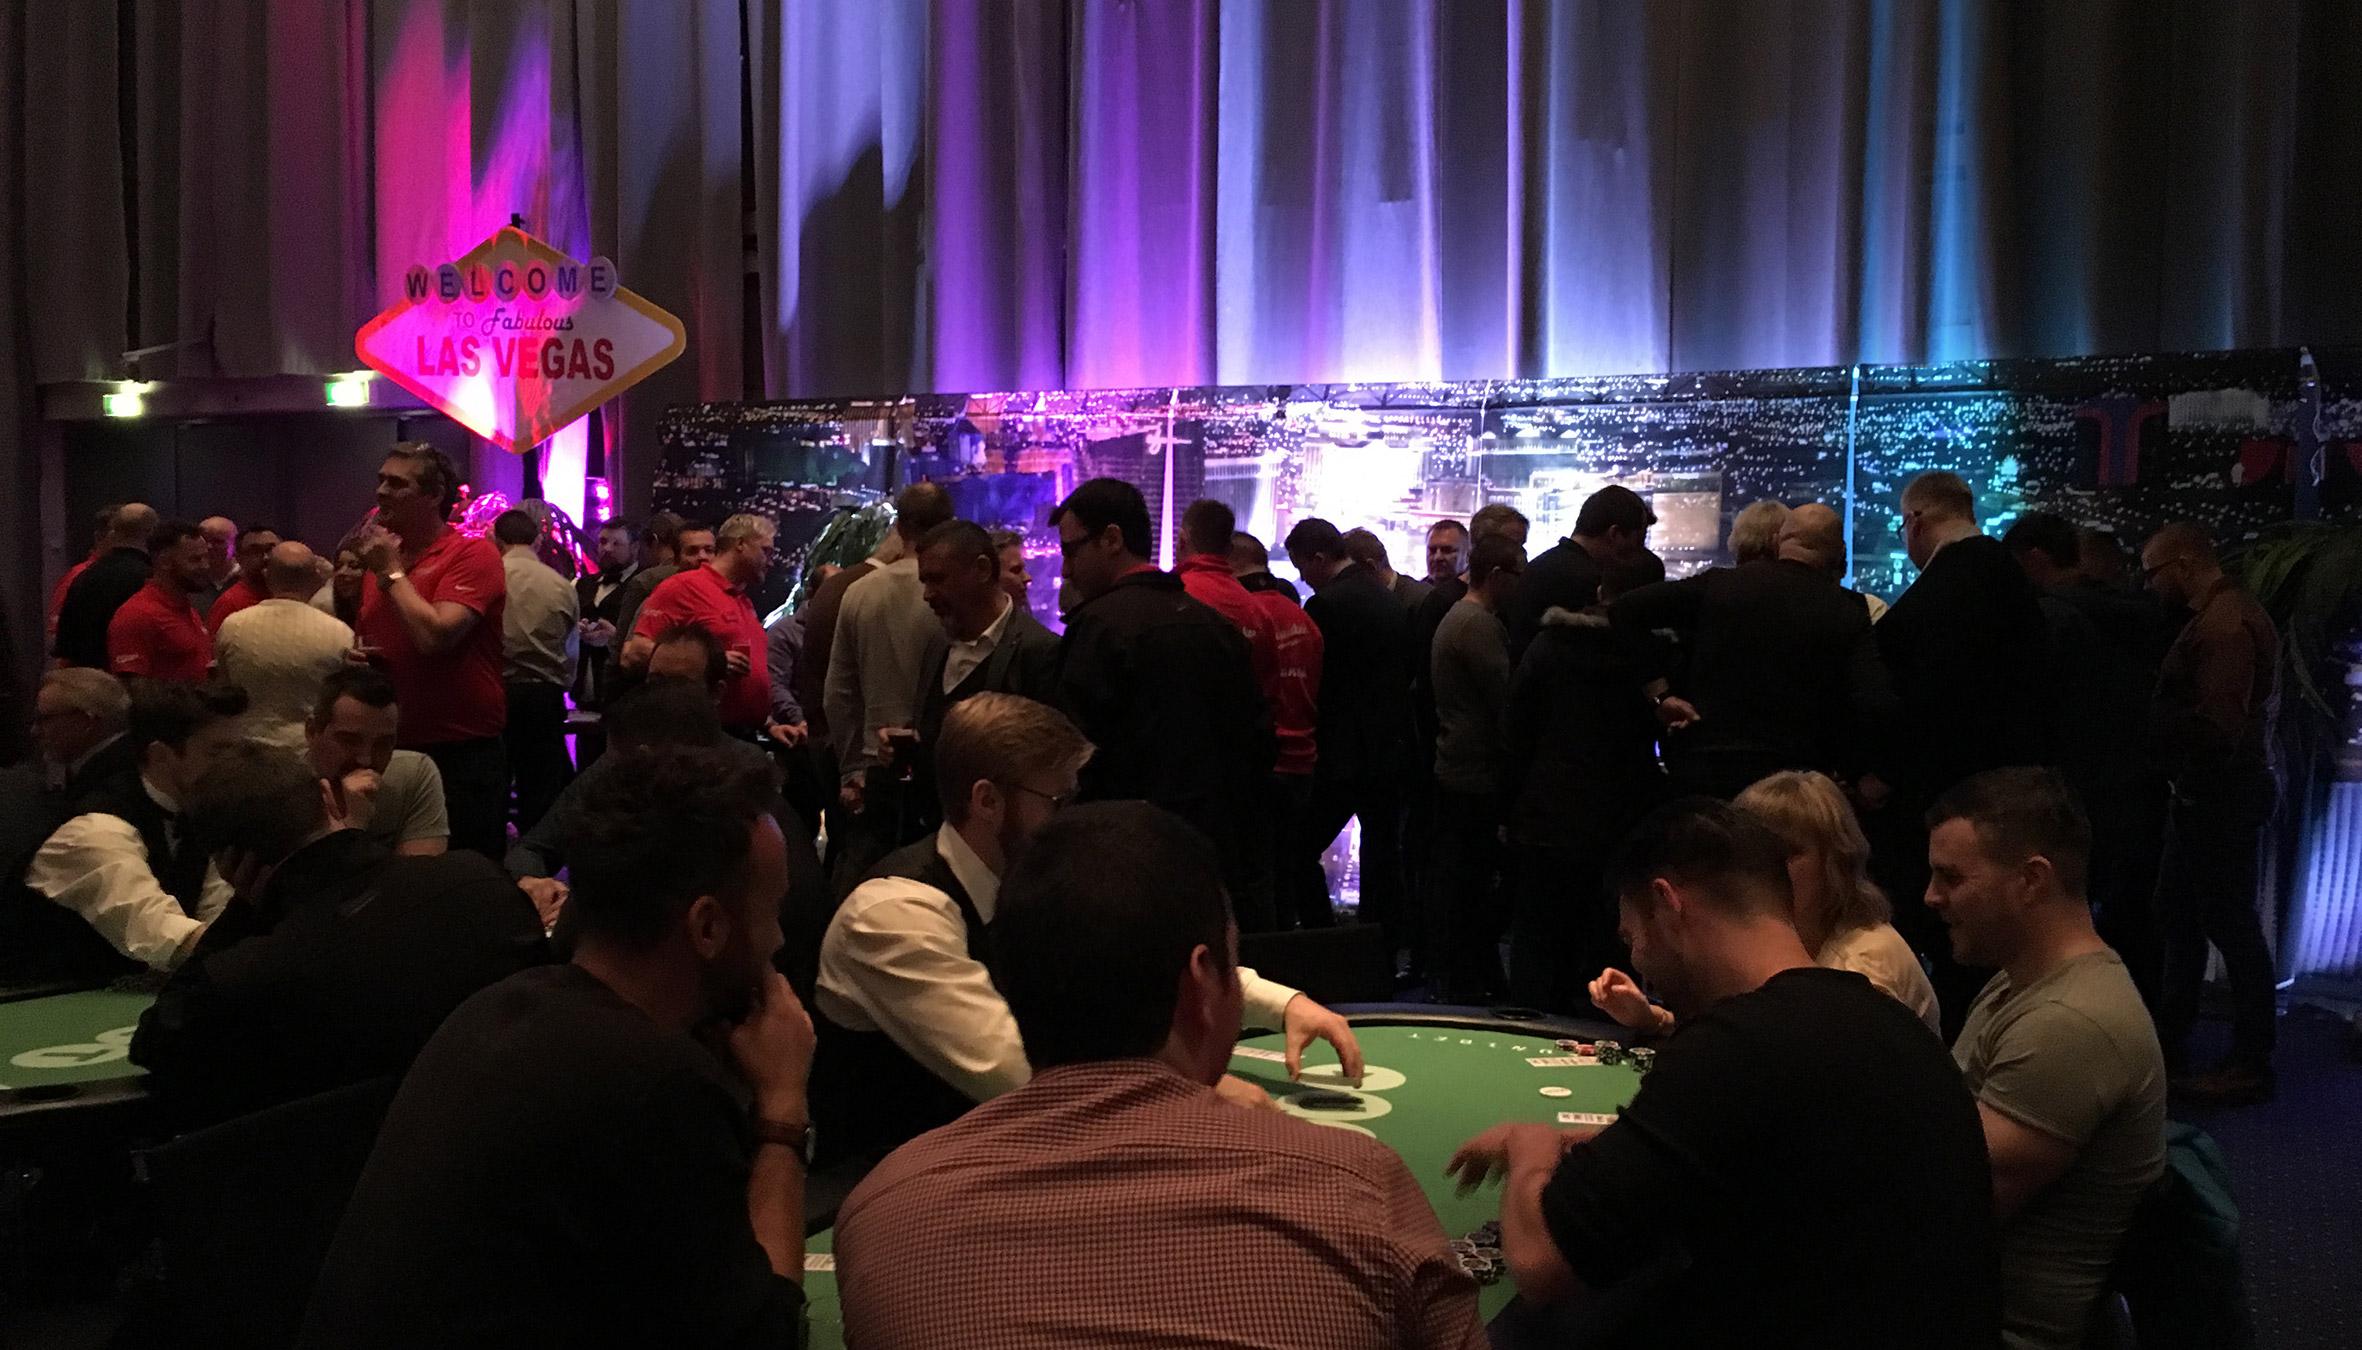 casino-event-bella-center-cph.8